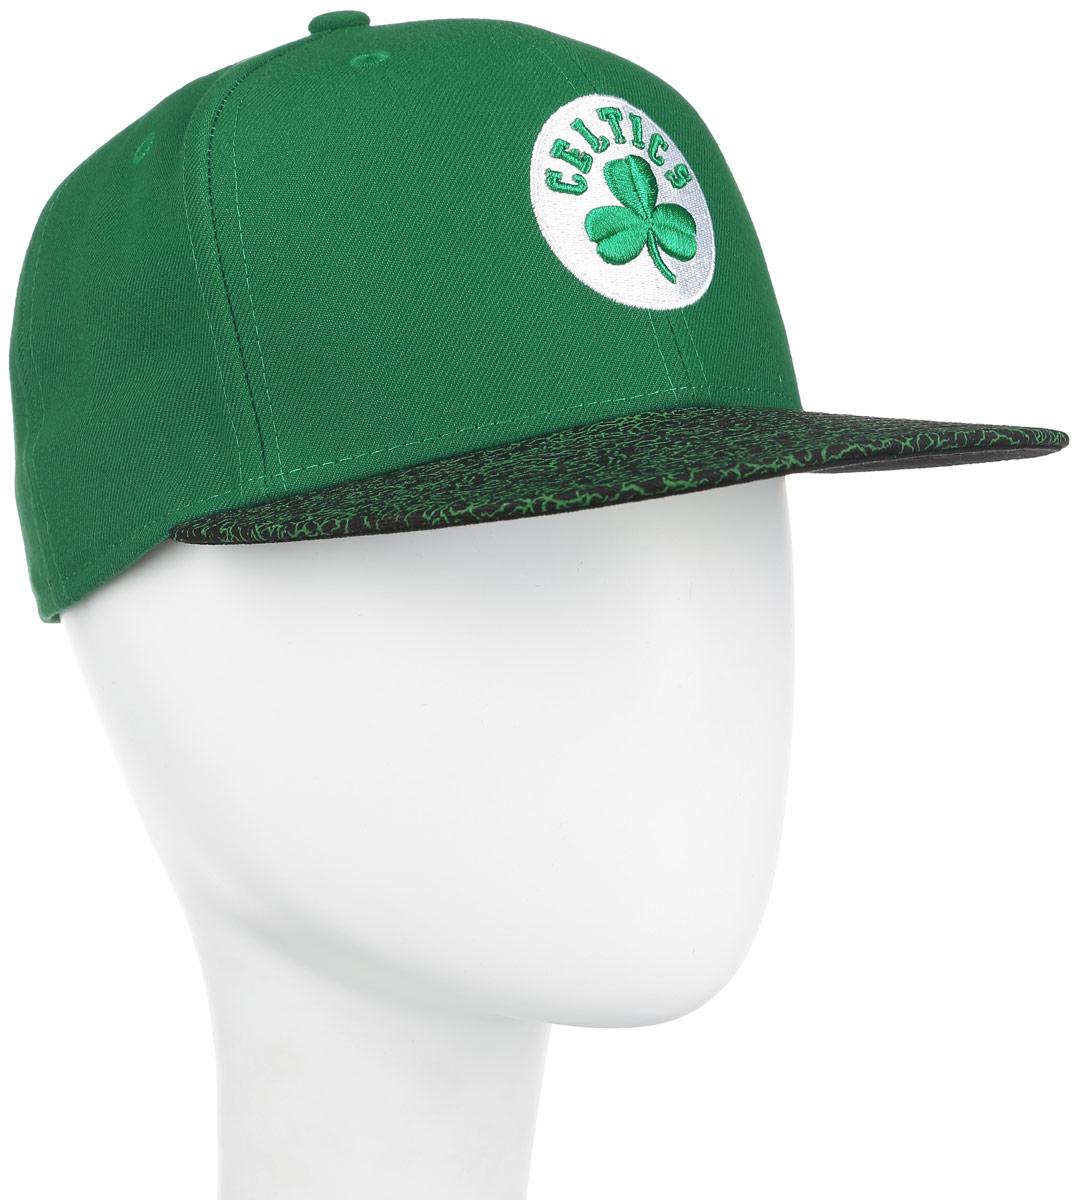 Бейсболка11210298-TEAMСтильная бейсболка New Era Boston Celtics, выполненная из высококачественных материалов, идеально подойдет для прогулок, занятий спортом и отдыха. Изделие оформлено объемным вышитым логотипом знаменитой бейсбольной команды и логотипом производителя. Ничто не говорит о настоящем любителе путешествий больше, чем любимая кепка. Эта модель станет отличным аксессуаром и дополнит ваш повседневный образ.